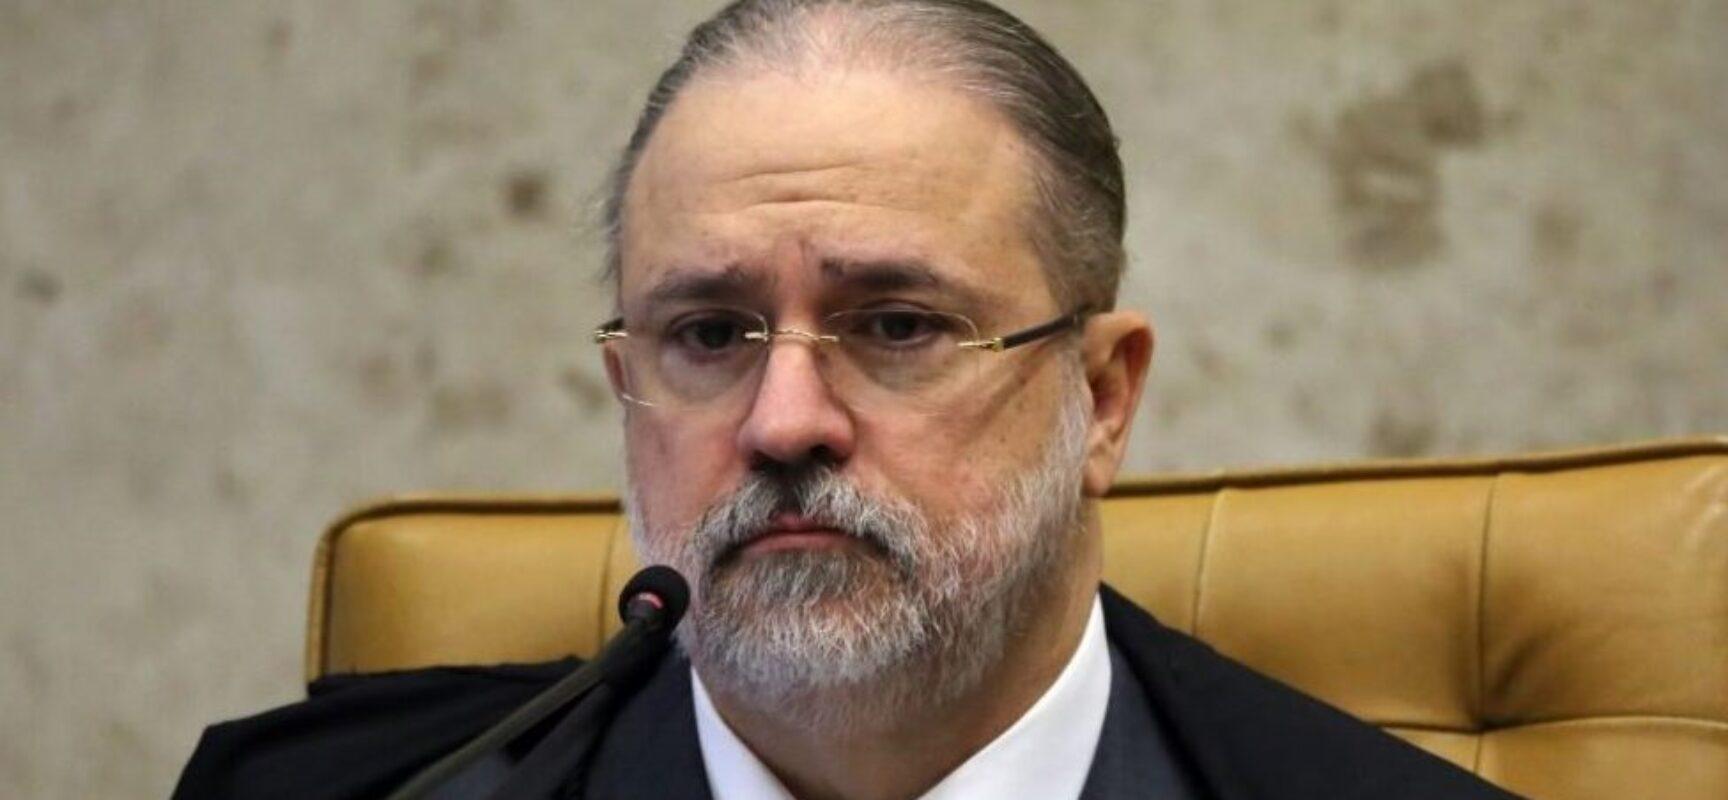 Augusto Aras diz que não houve falta de ação do governo para compra de vacinas